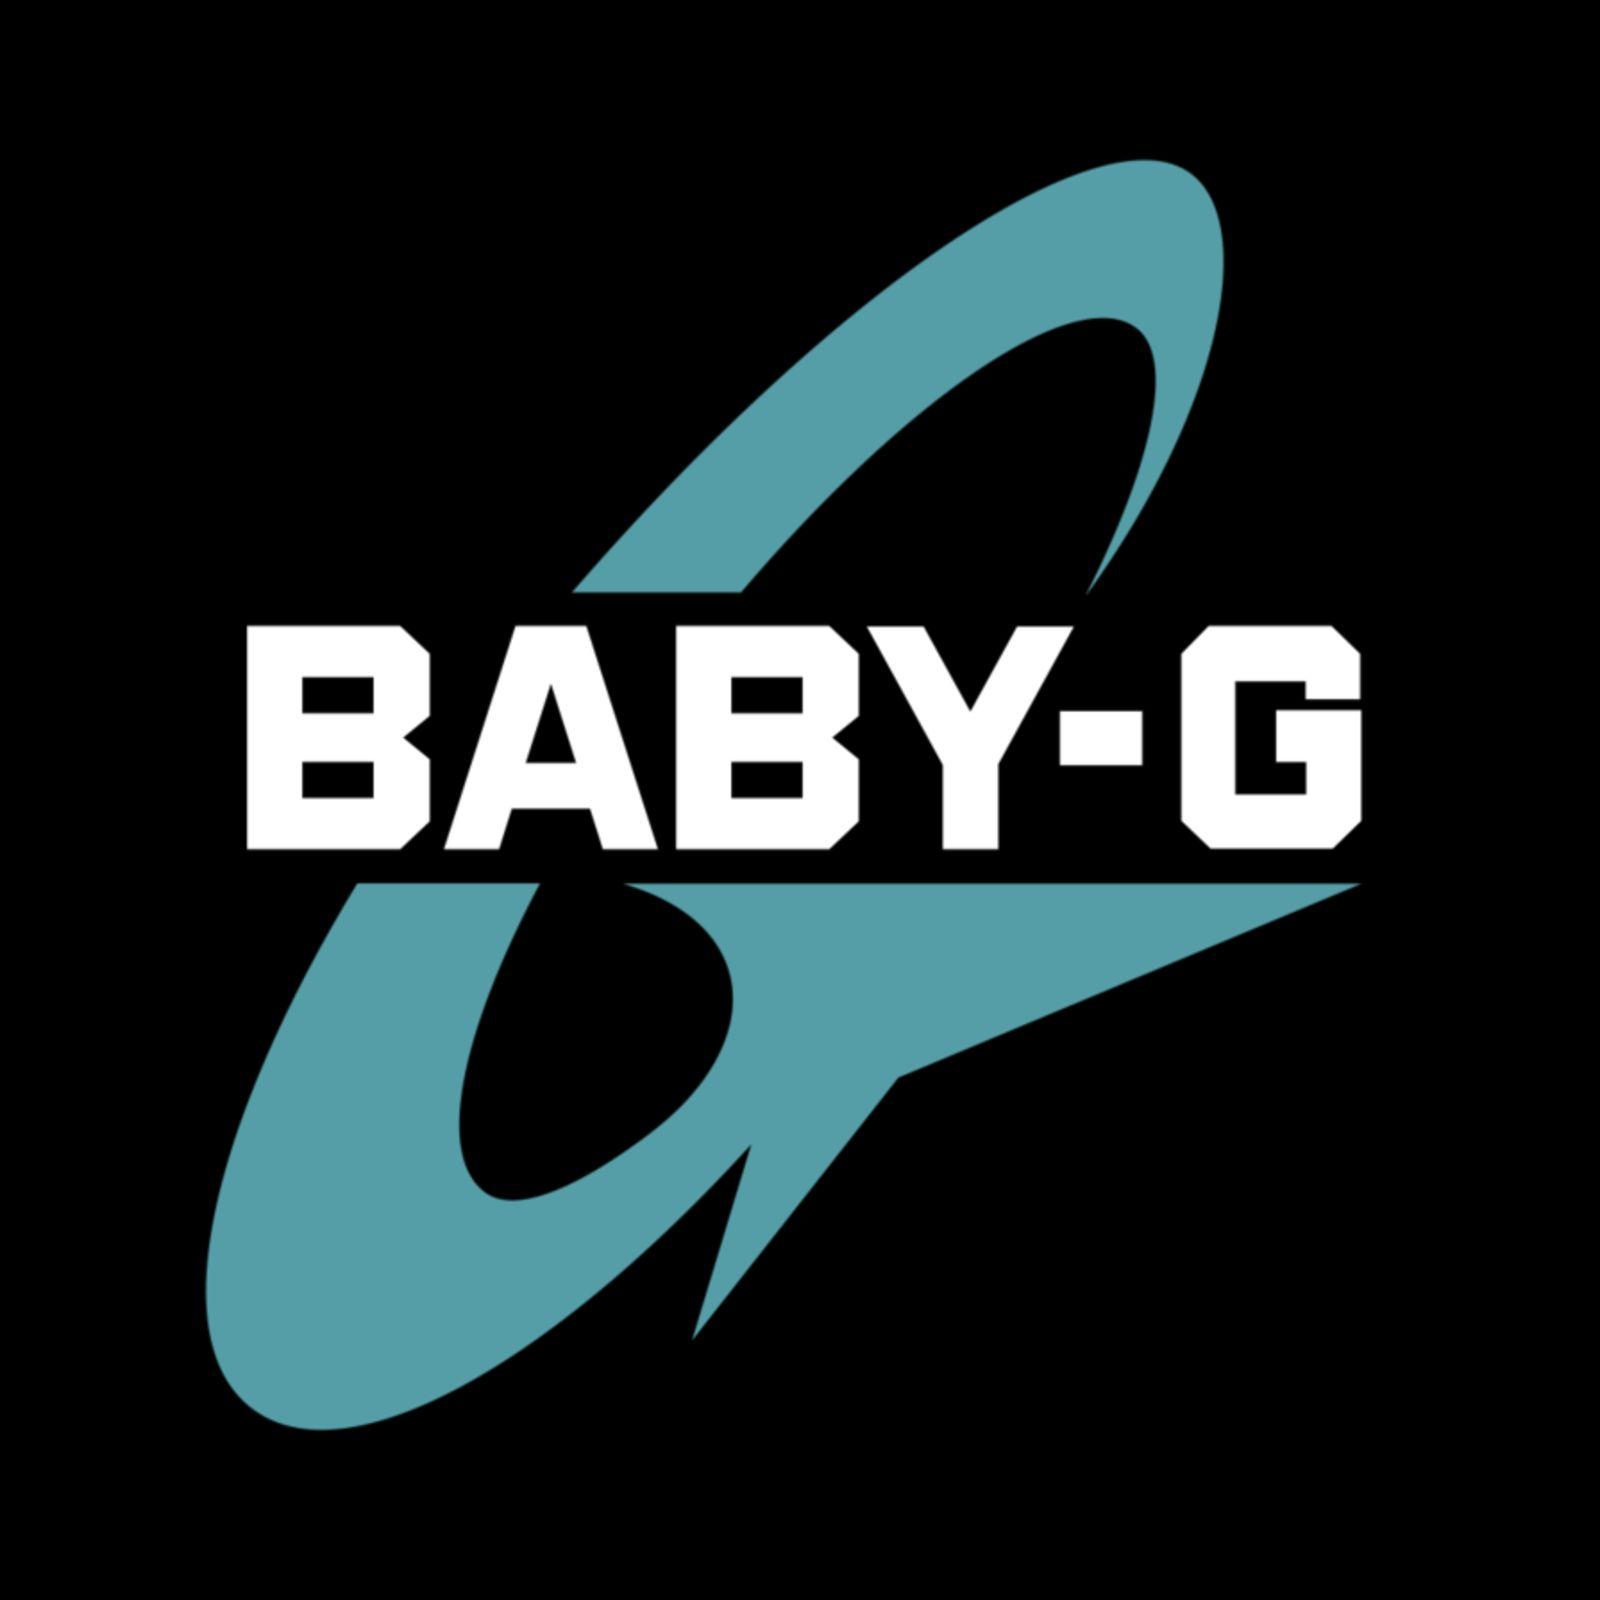 Baby-G (Image 1)